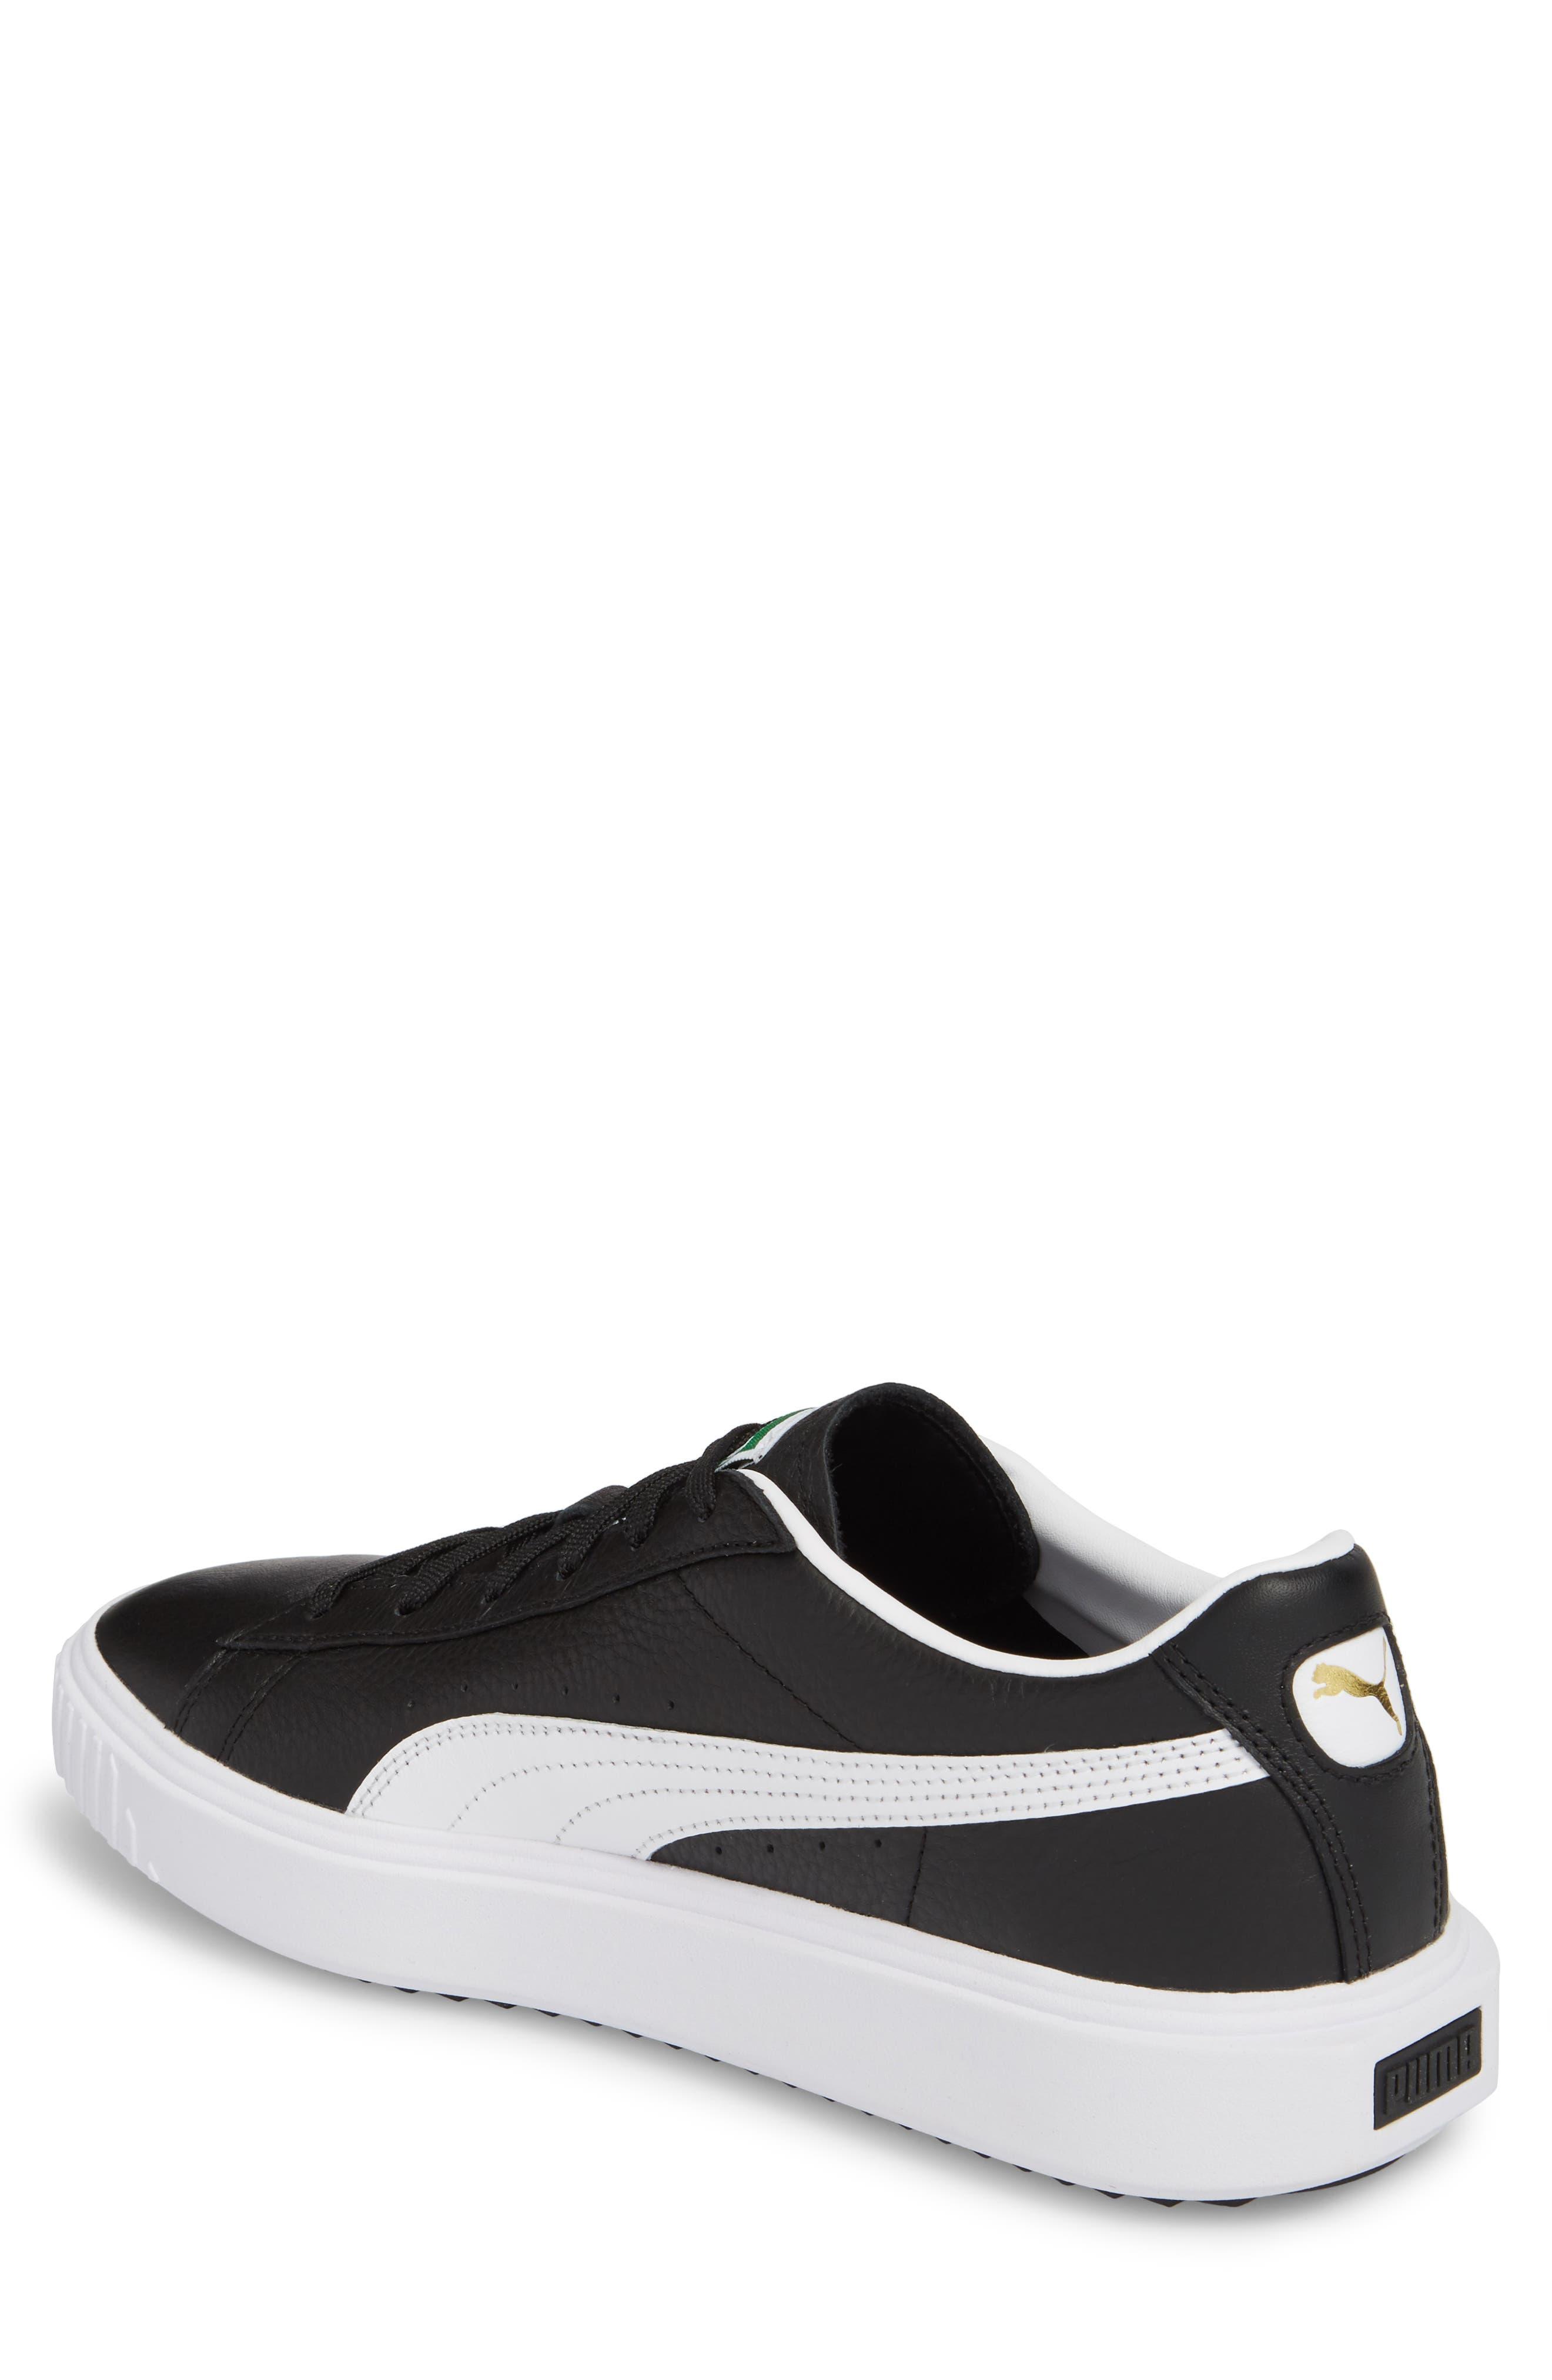 Breaker Low Top Sneaker,                             Alternate thumbnail 2, color,                             001